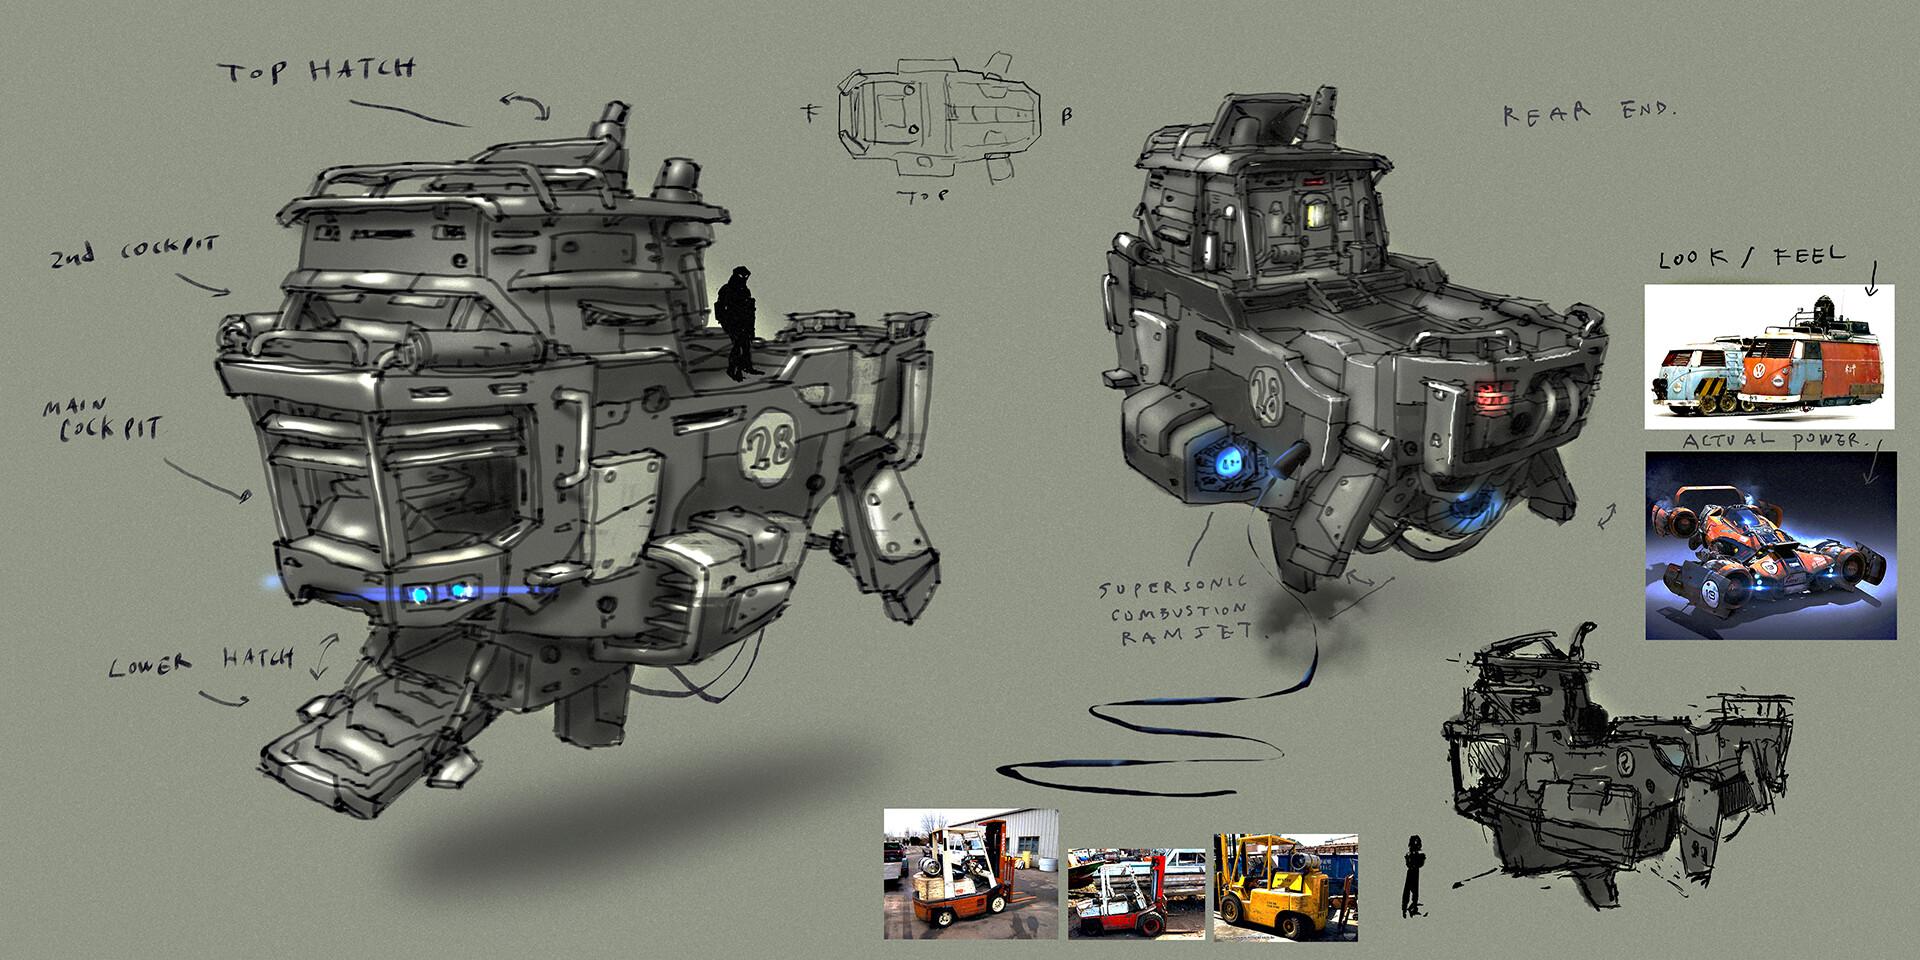 Lander Exterior concept by Soosa Kim